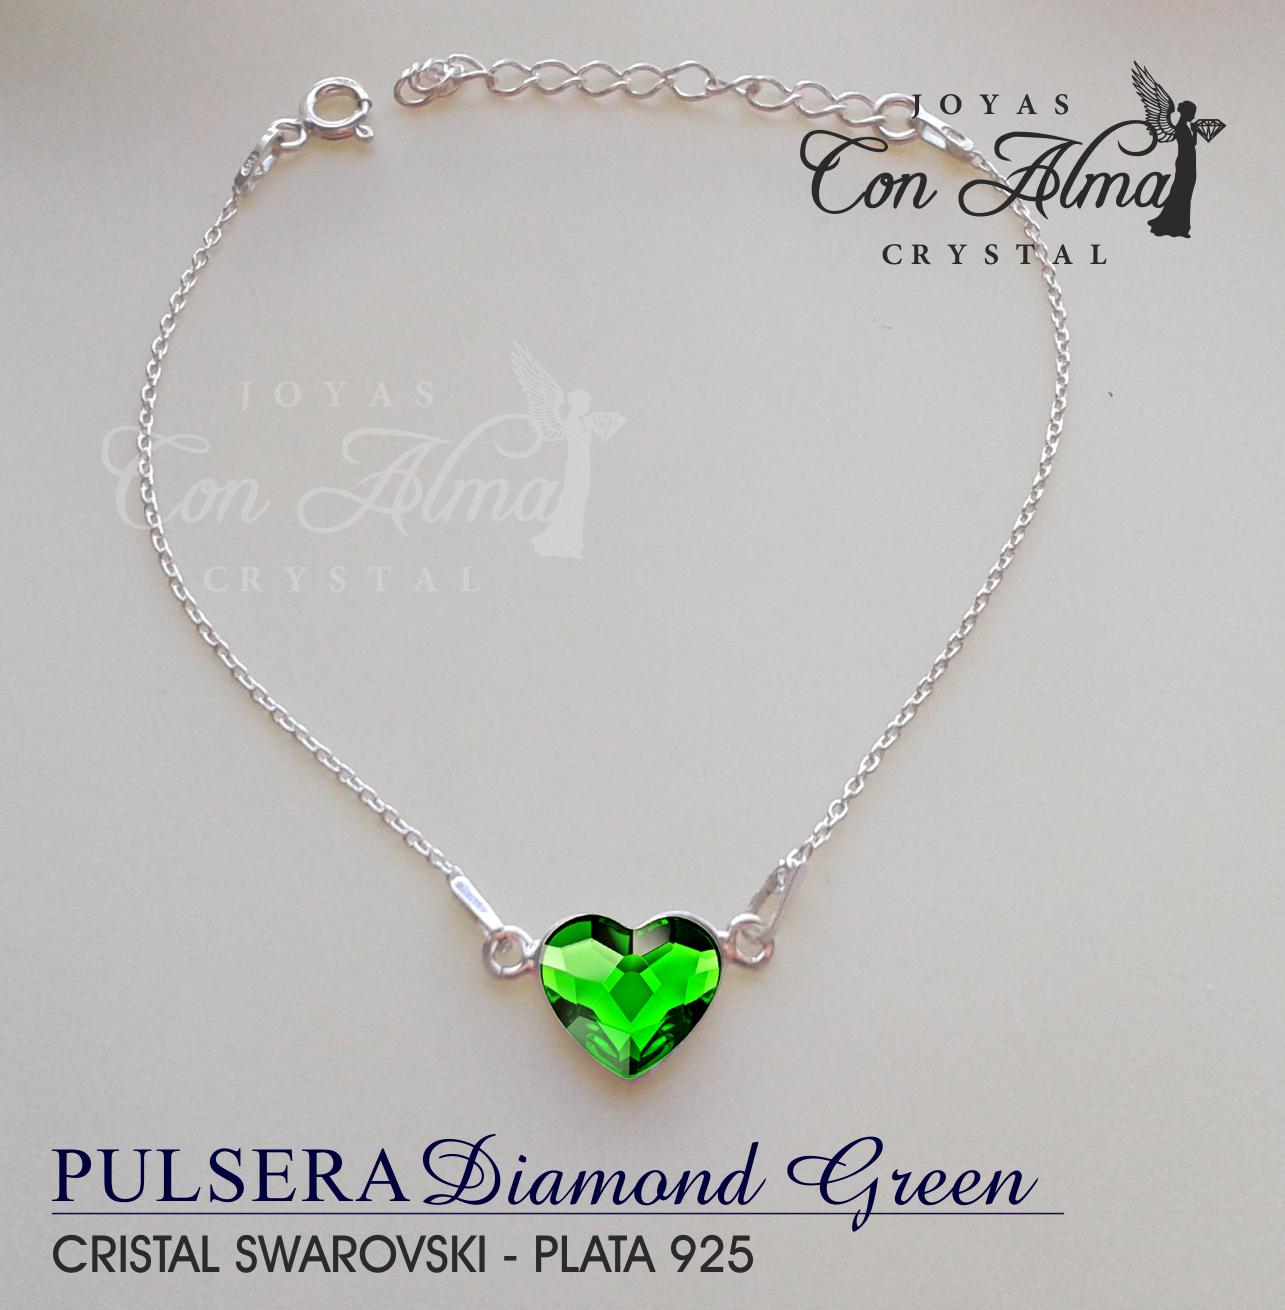 Pulsera Diamond Green 24,99 €